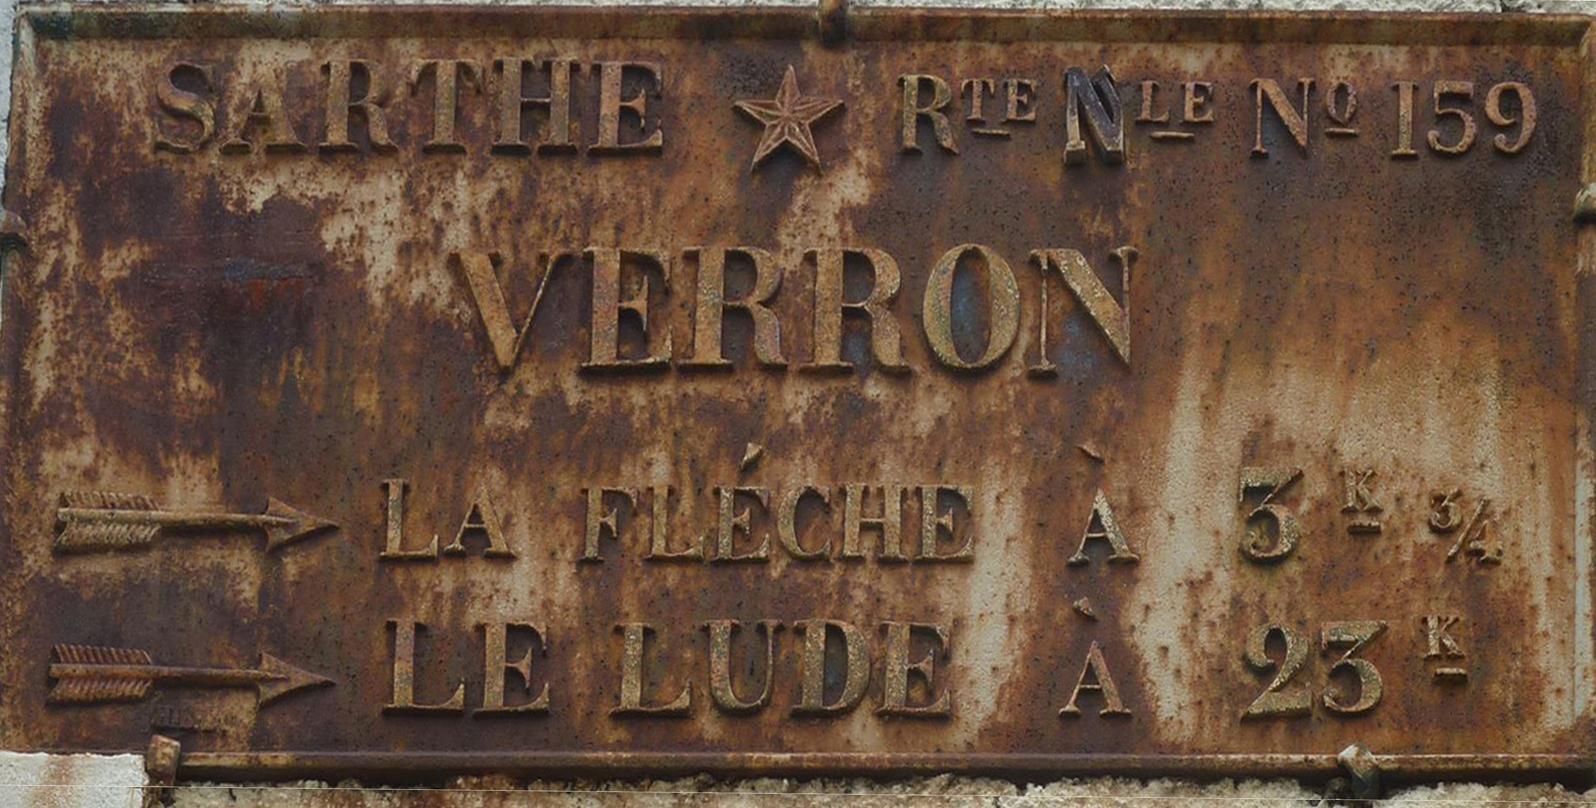 La Flèche, avenue de Verron - Plaque de cocher - La Flèche - Le Lude (Loïc Prémartin)